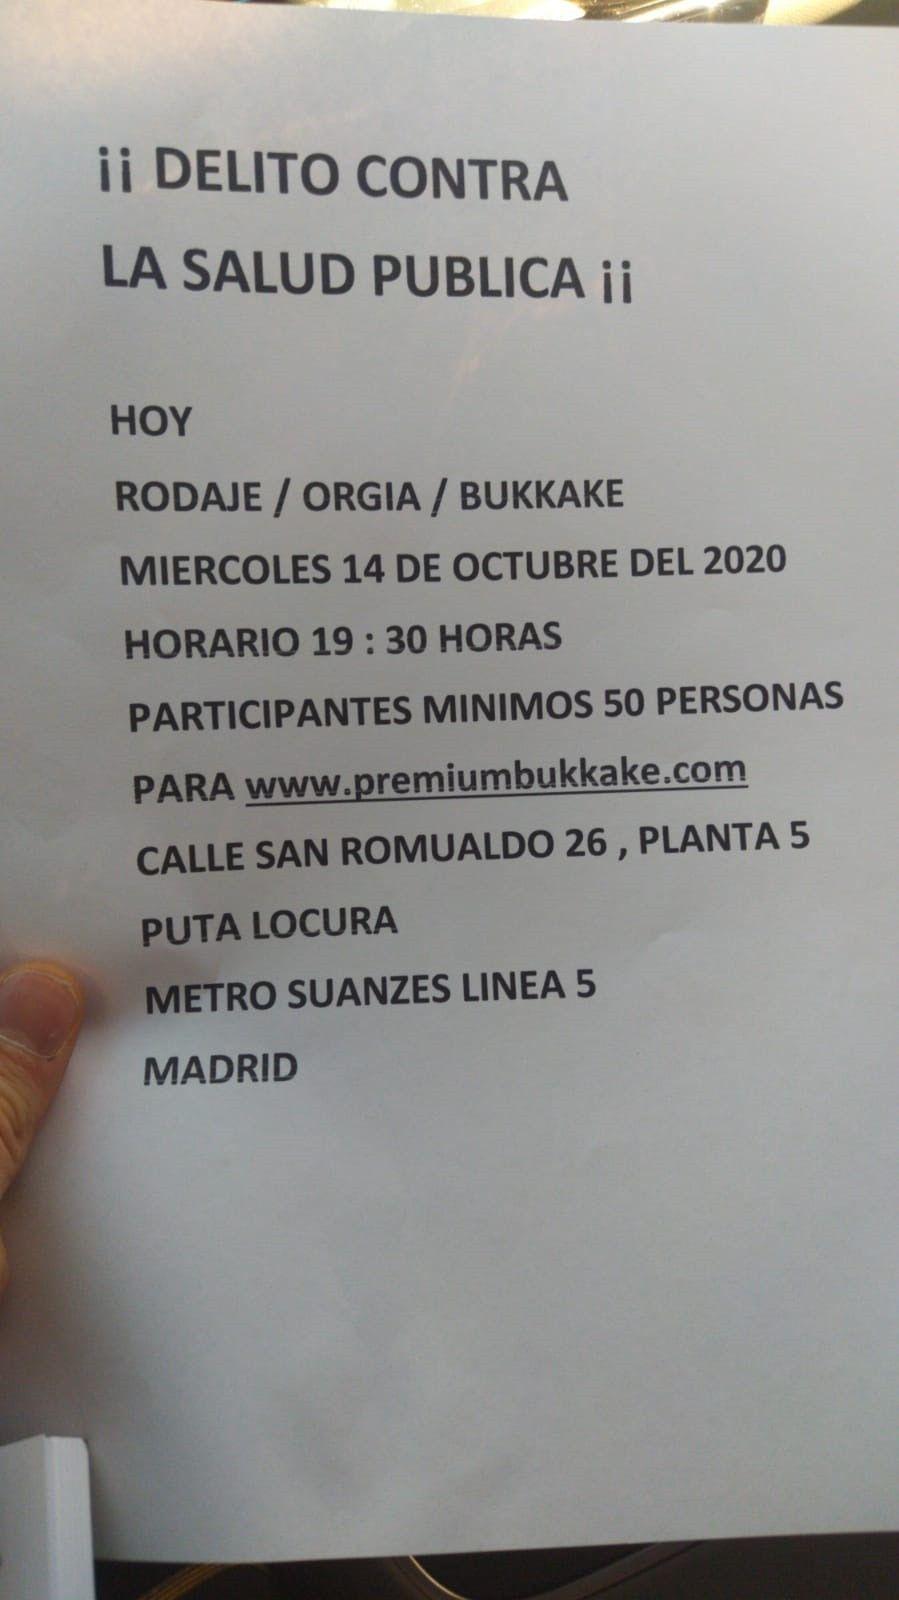 Anuncio de rodaje de 'bukake' en el que participaron 50 personas en Madrid y fueron denunciados sus tres responsables